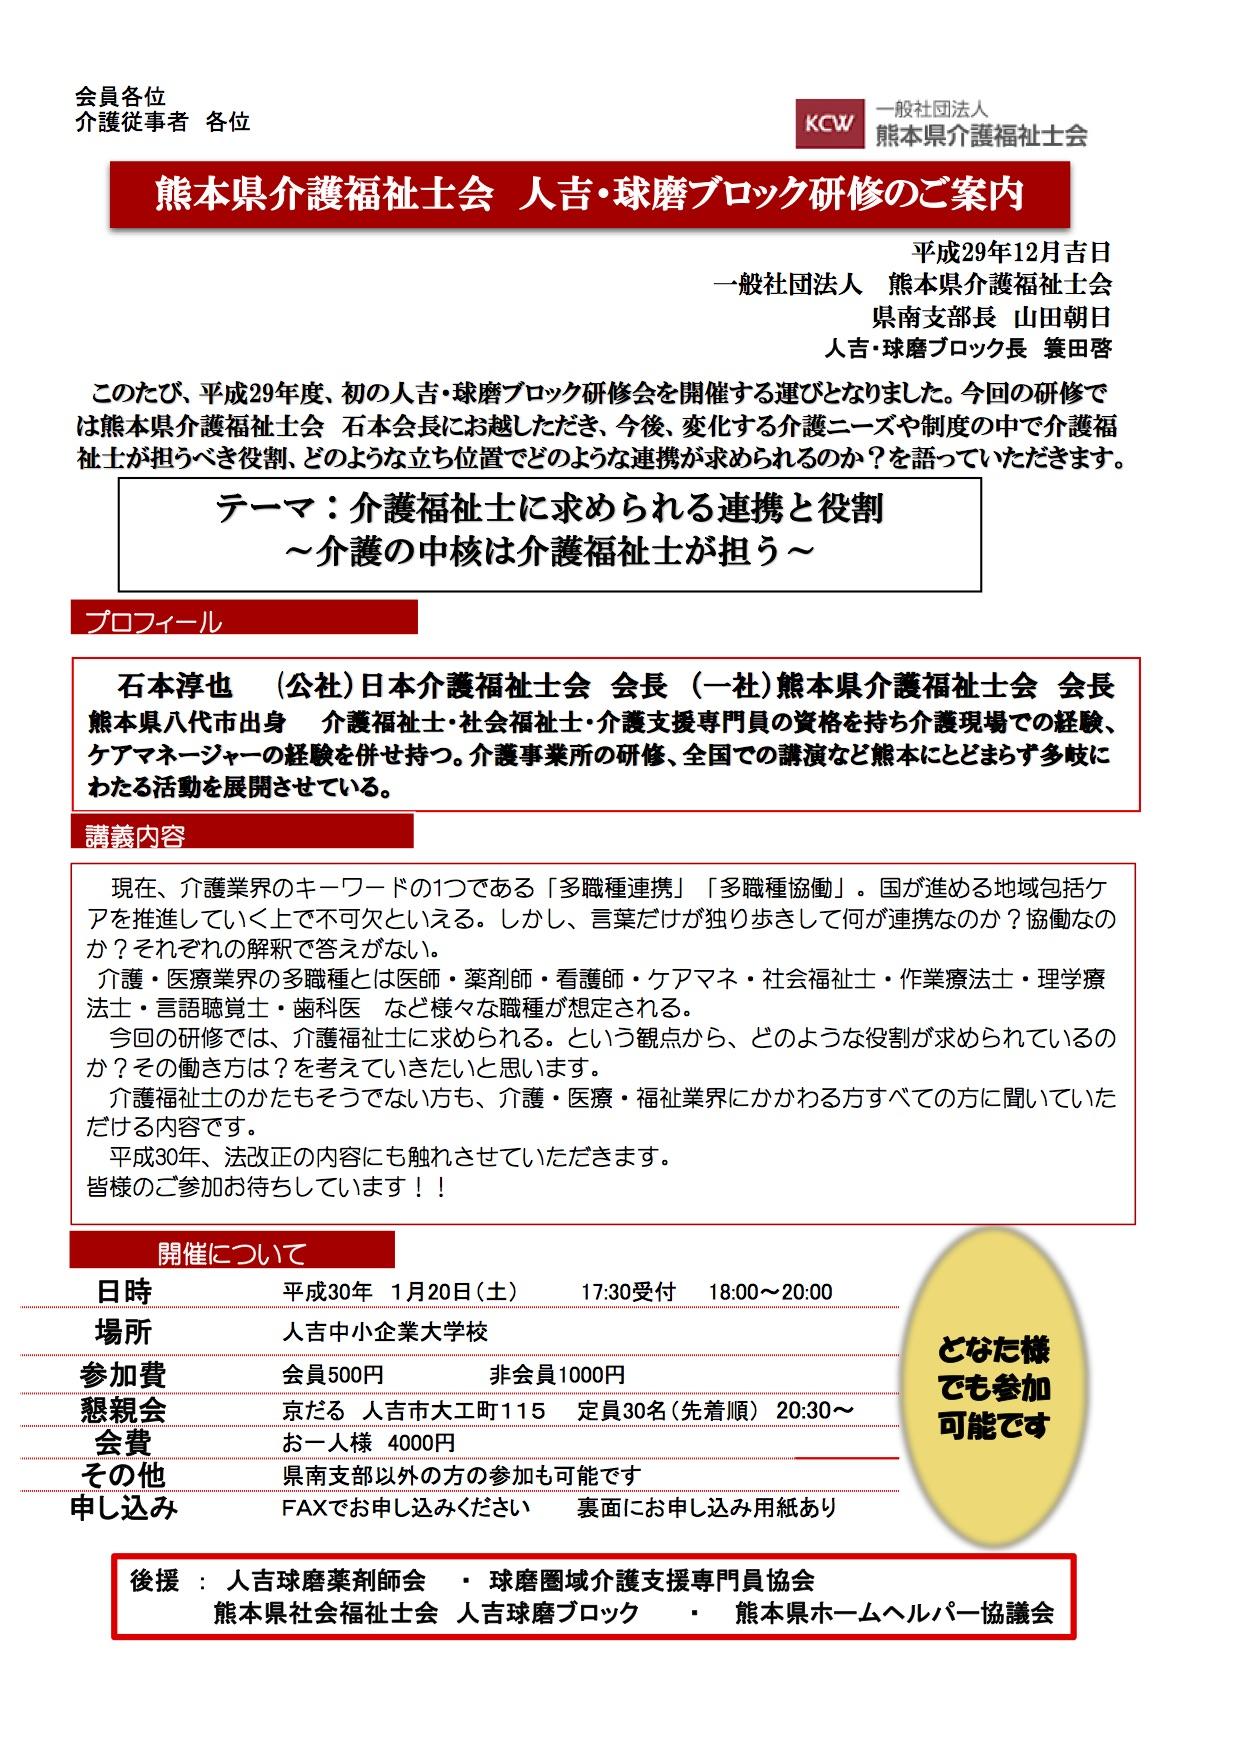 県南支部 介護研修のお知らせ